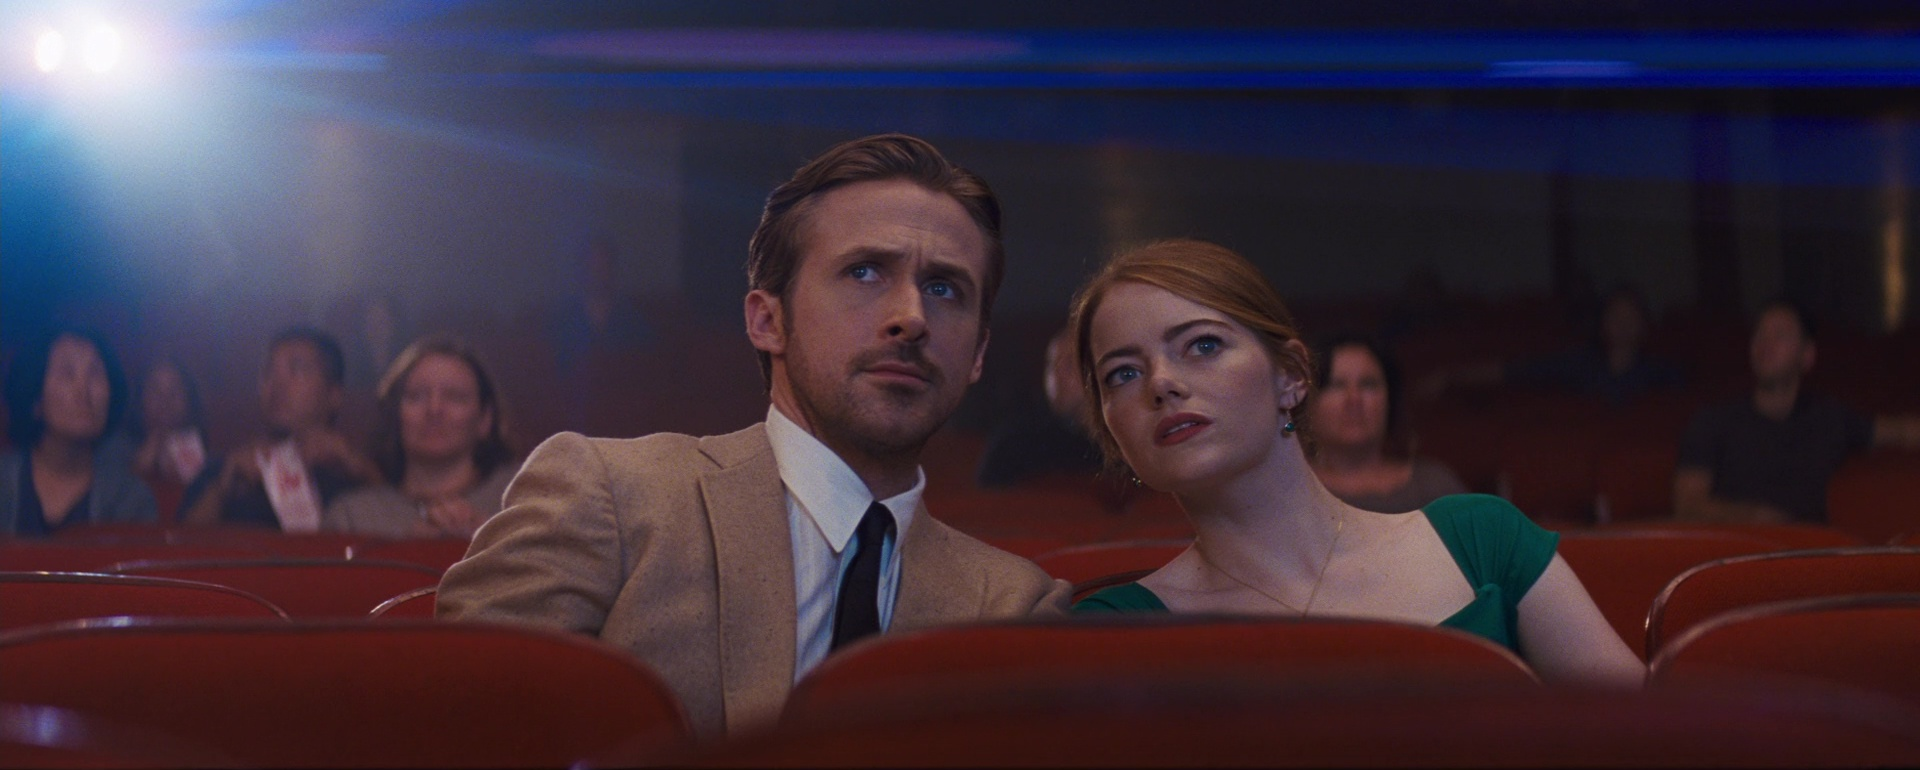 La La Land film still 17